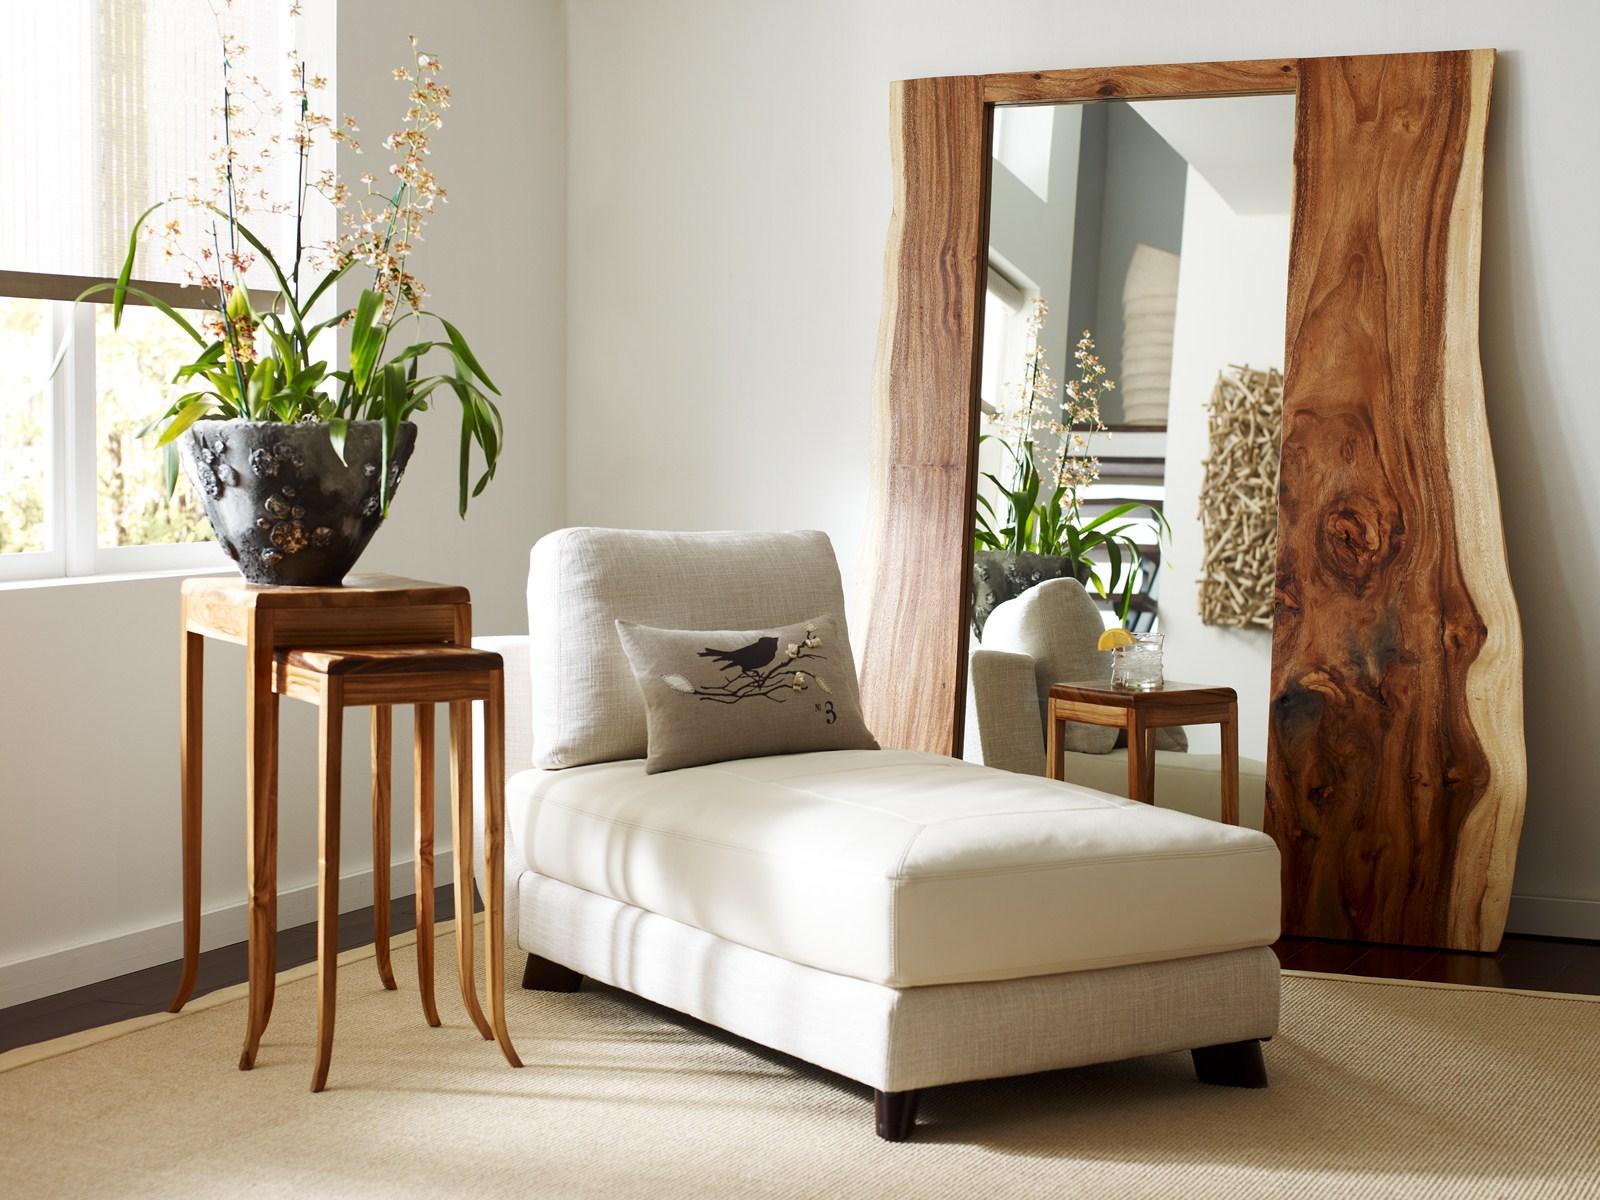 دکوراسیون آینه و کاربرد های آینه در خانه